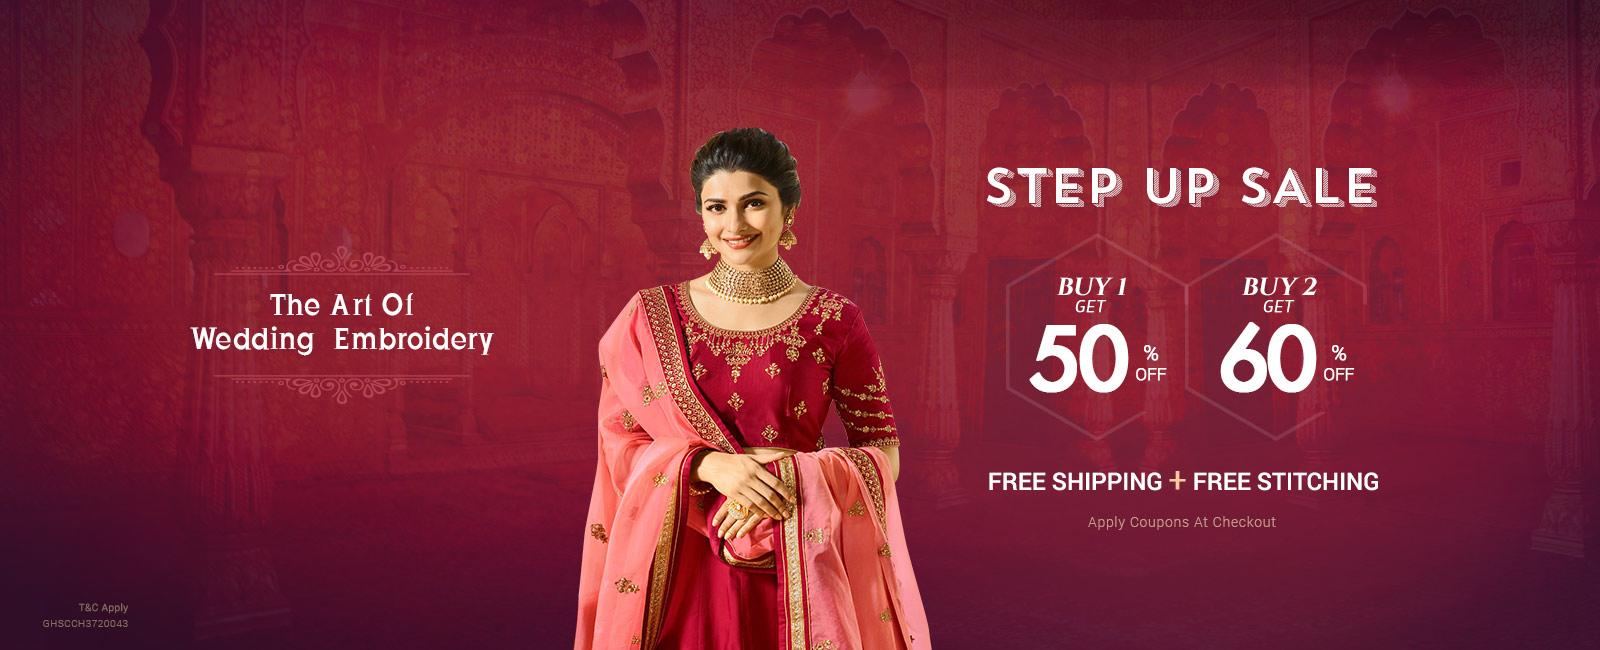 Stepup Sale Buy 2 Get Flat 60% Off